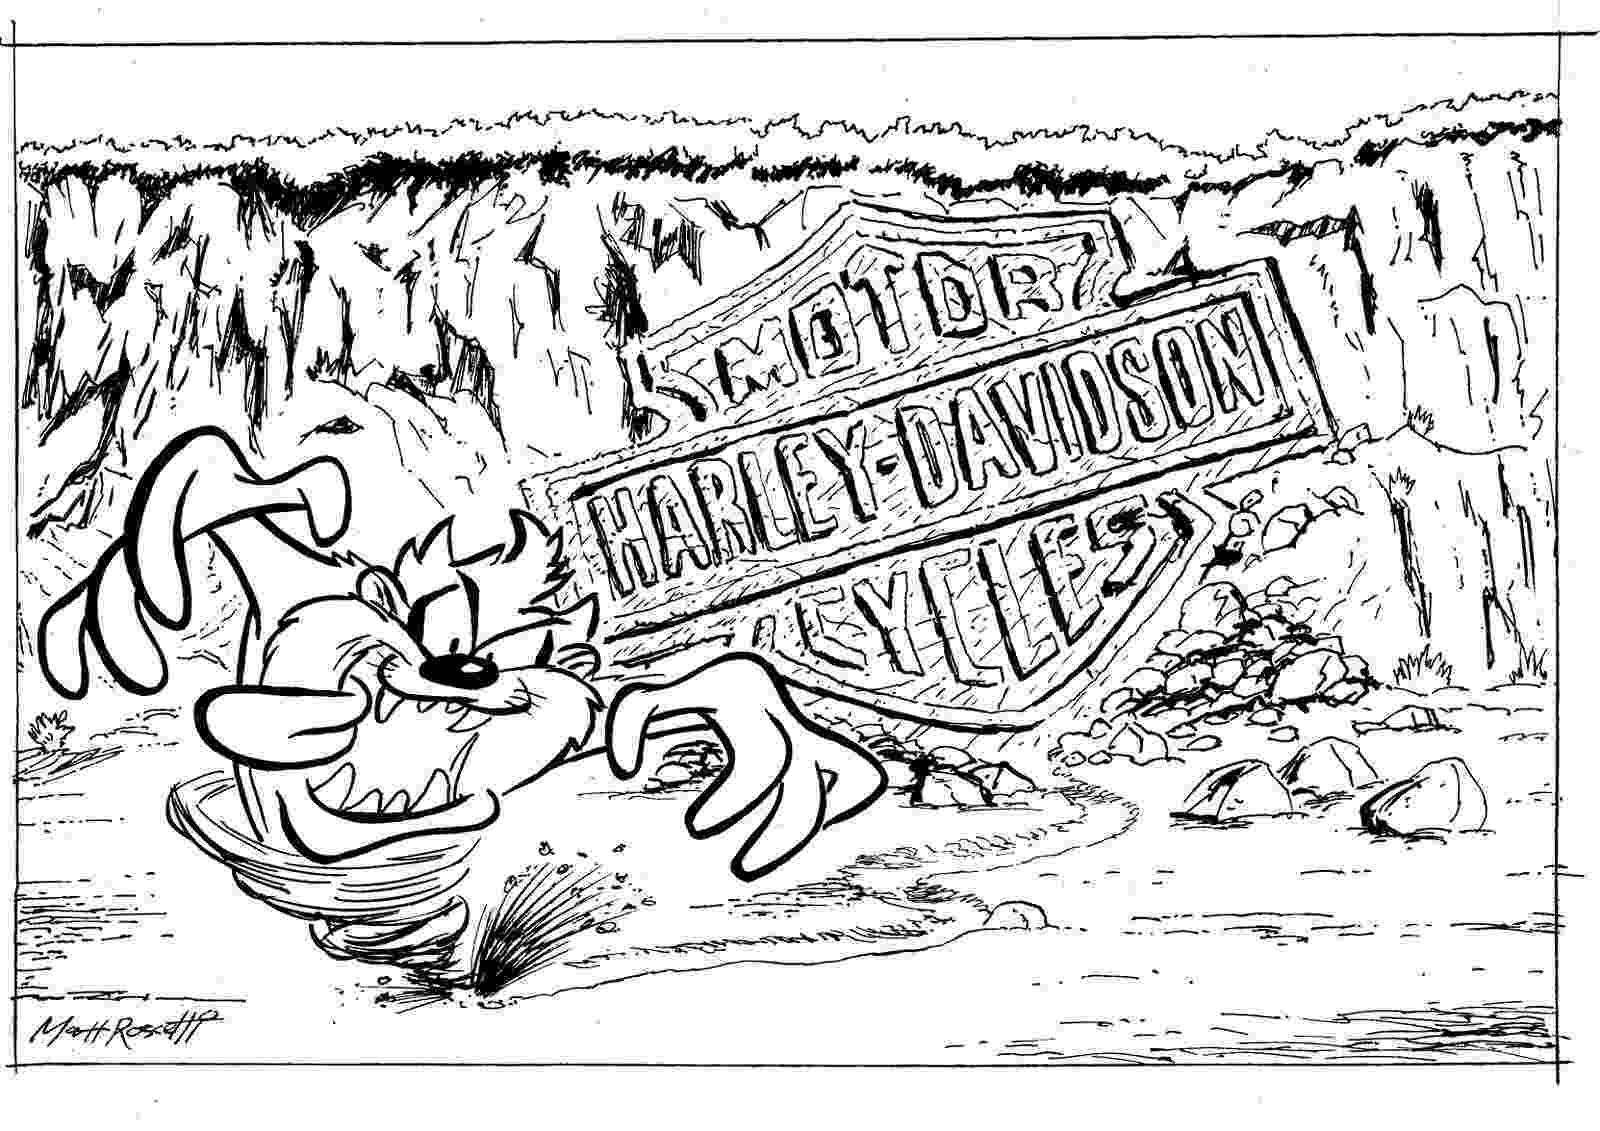 harley davidson coloring sheets harley davidson logo coloring pages coloring home harley sheets coloring davidson